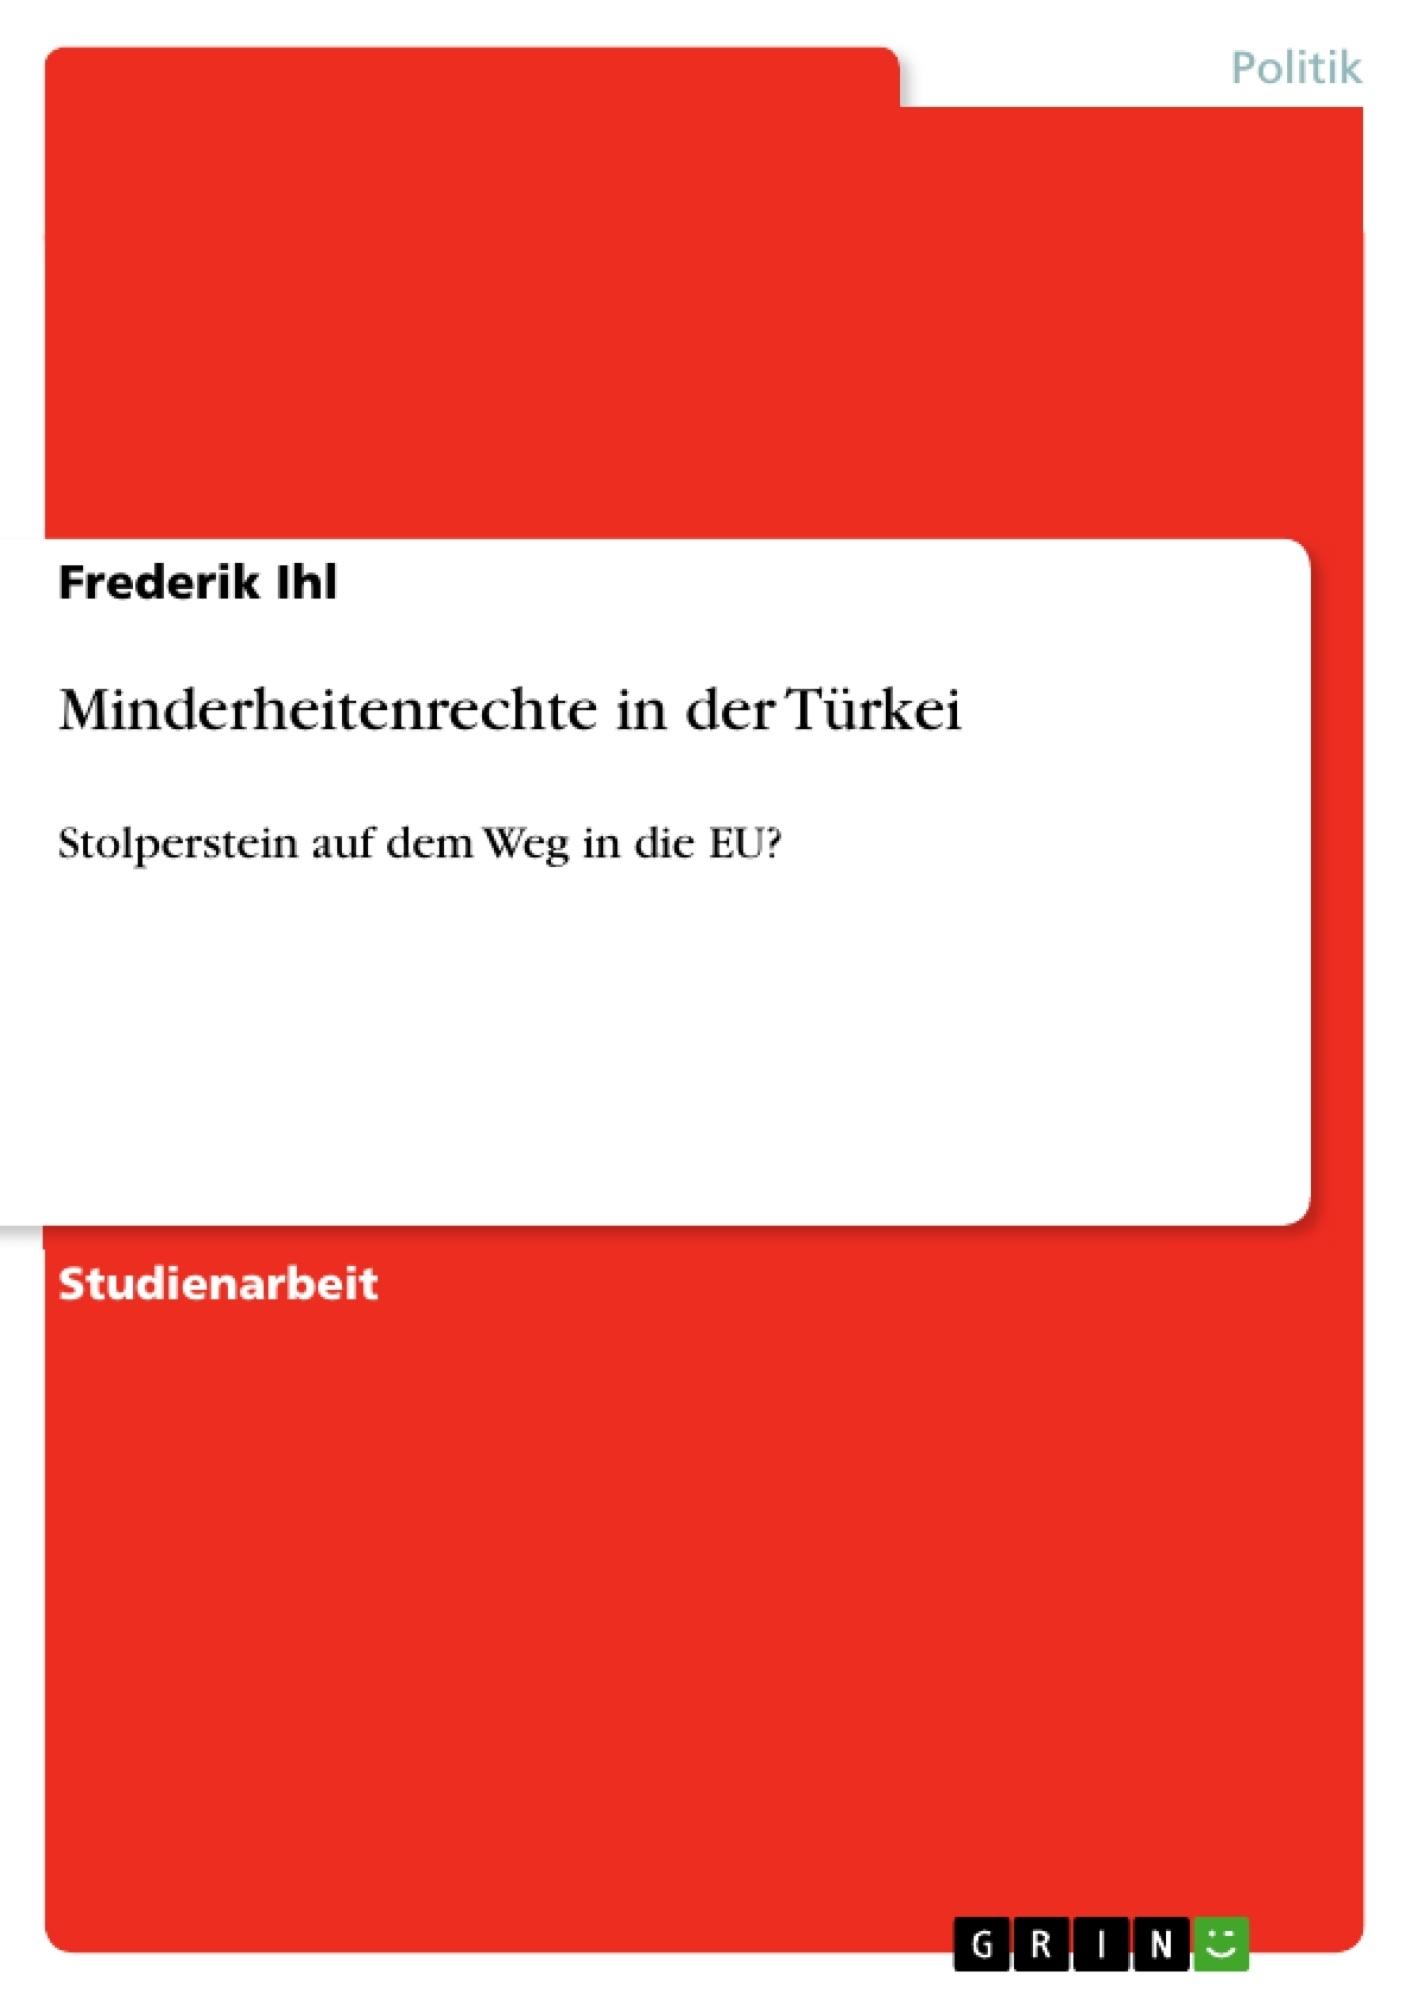 Titel: Minderheitenrechte in der Türkei